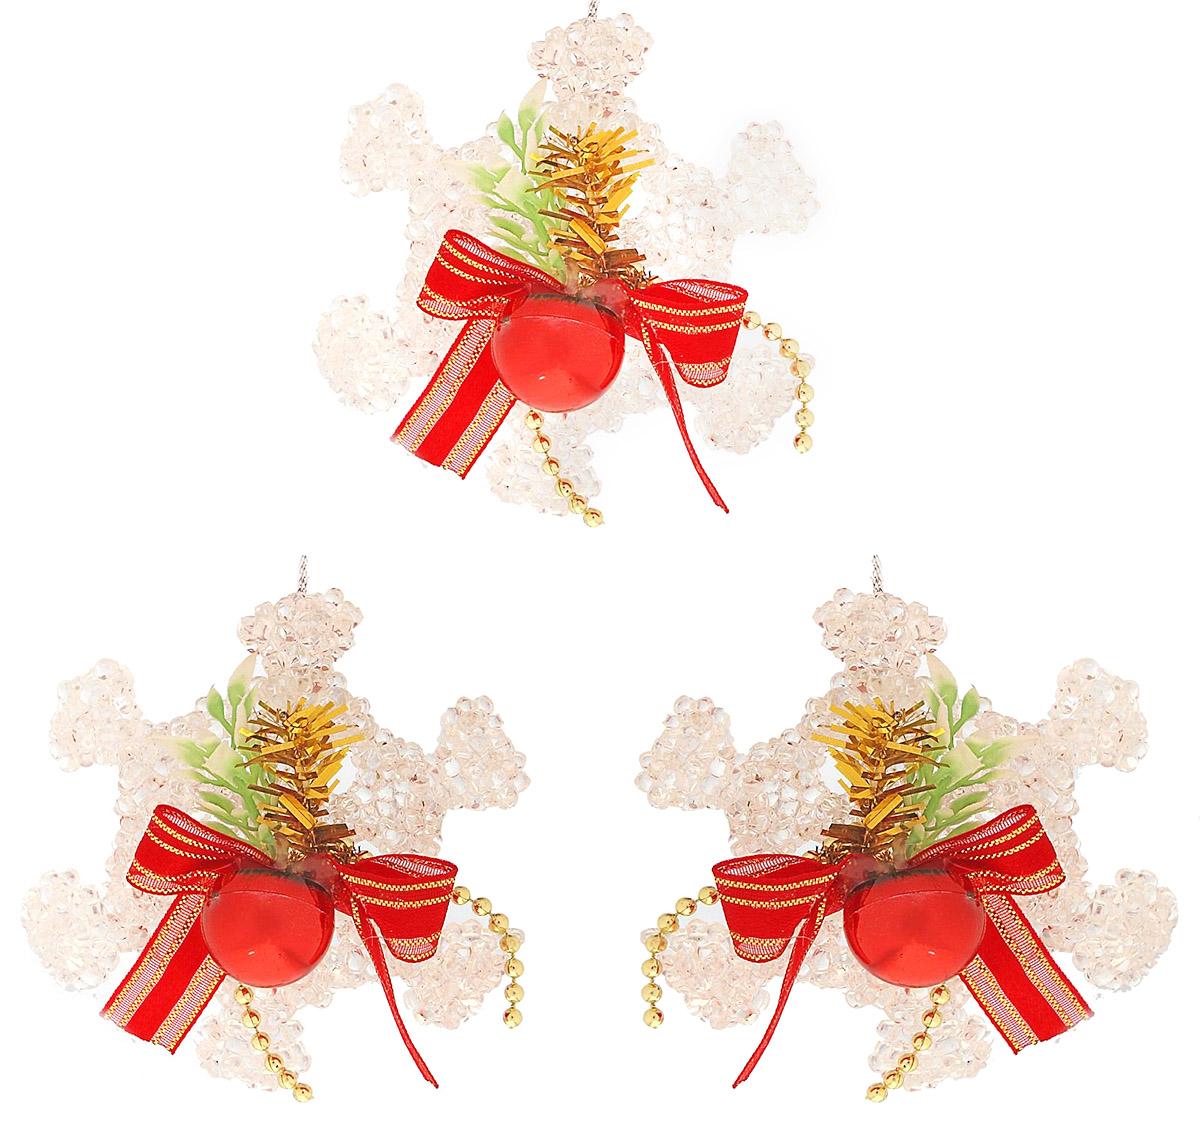 Набор новогодних подвесных украшений Sima-land Лед. Снежинки, шарик, 8,5 см, 3 шт538356Невозможно представить нашу жизнь без праздников! Мы всегда ждём их и предвкушаем, обдумываем, как проведём памятный день, тщательно выбираем подарки и аксессуары, ведь именно они создают и поддерживают торжественный настрой.